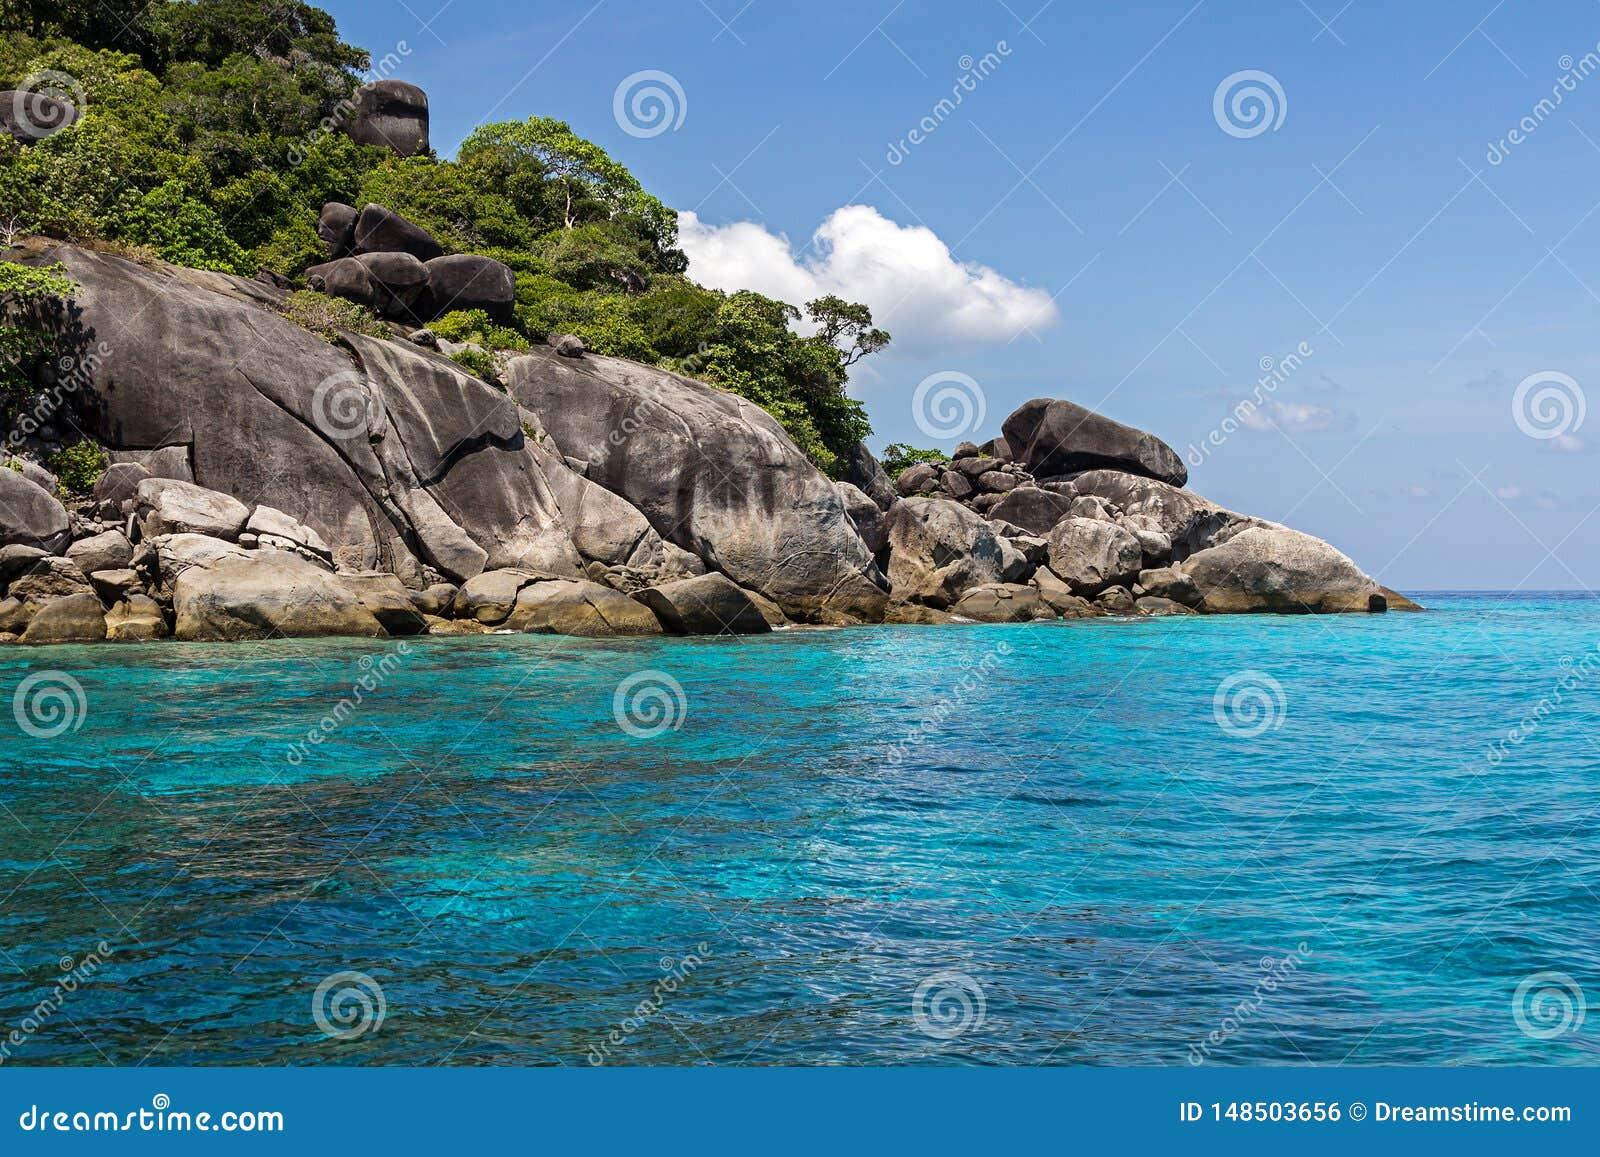 Île de Similan en mer d Andaman, Thaïlande, l Asie du sud